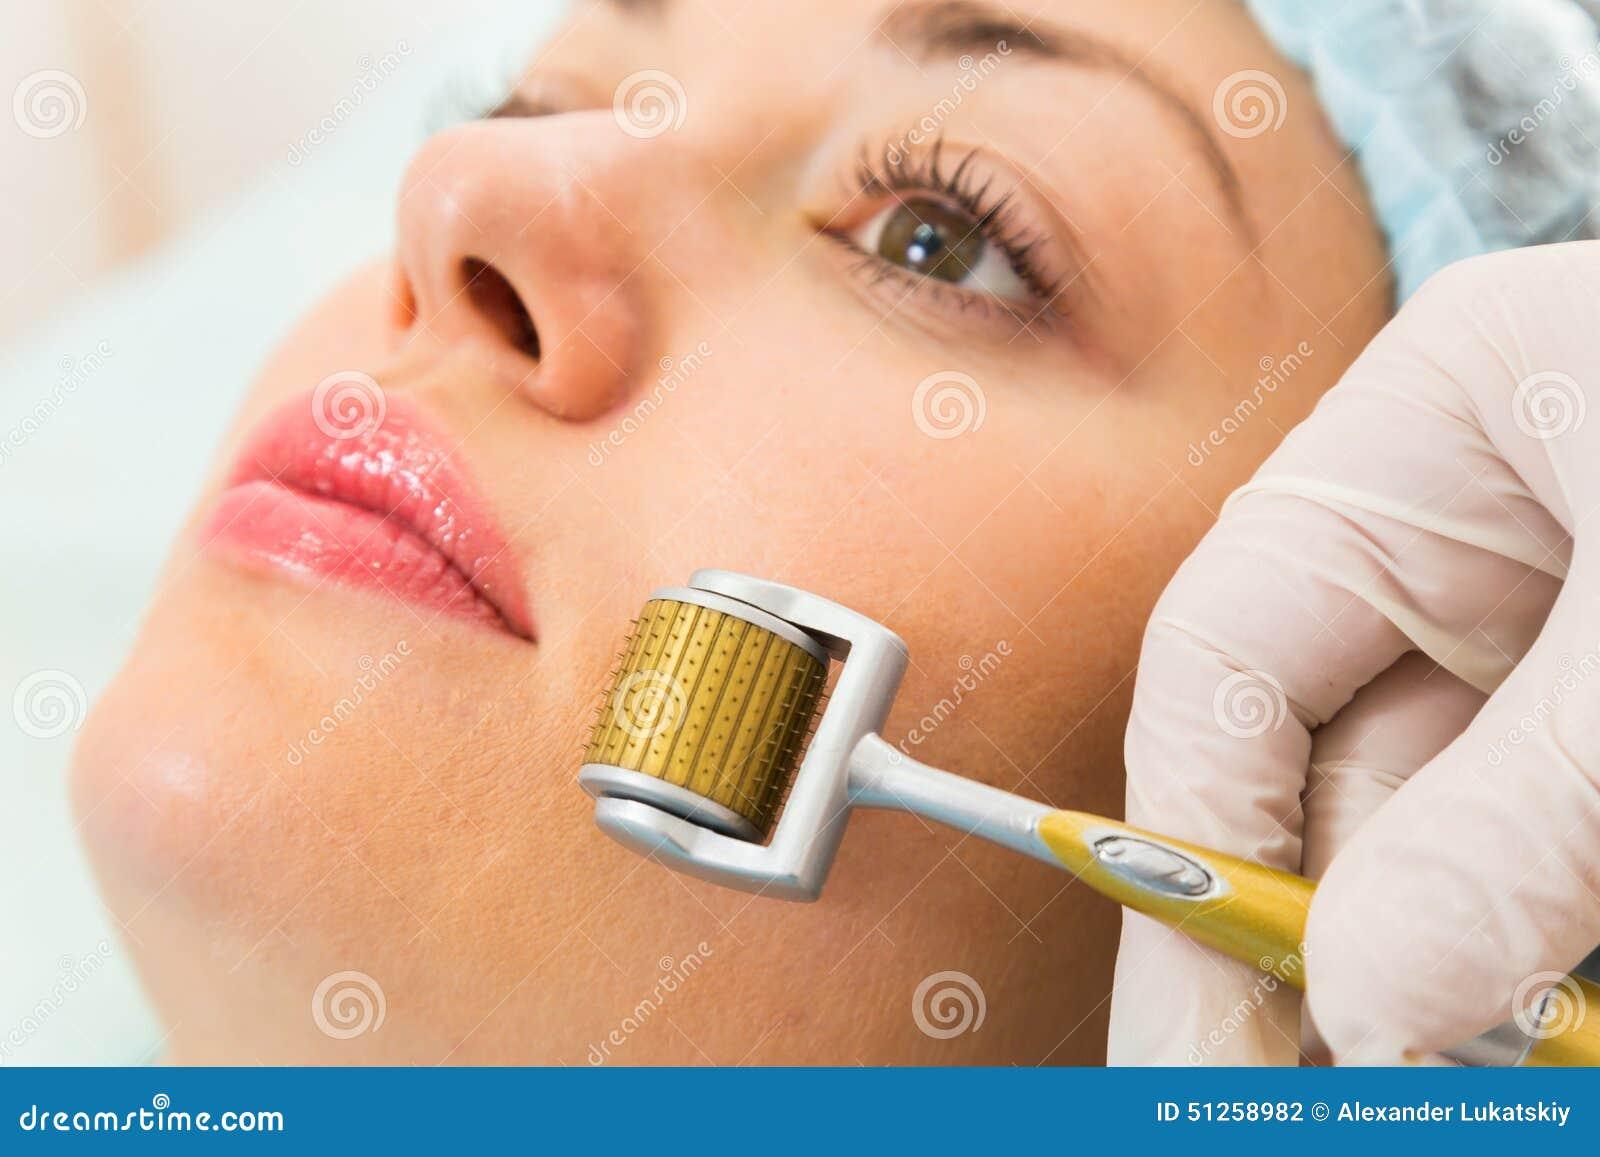 Медицинская косметическая процедура